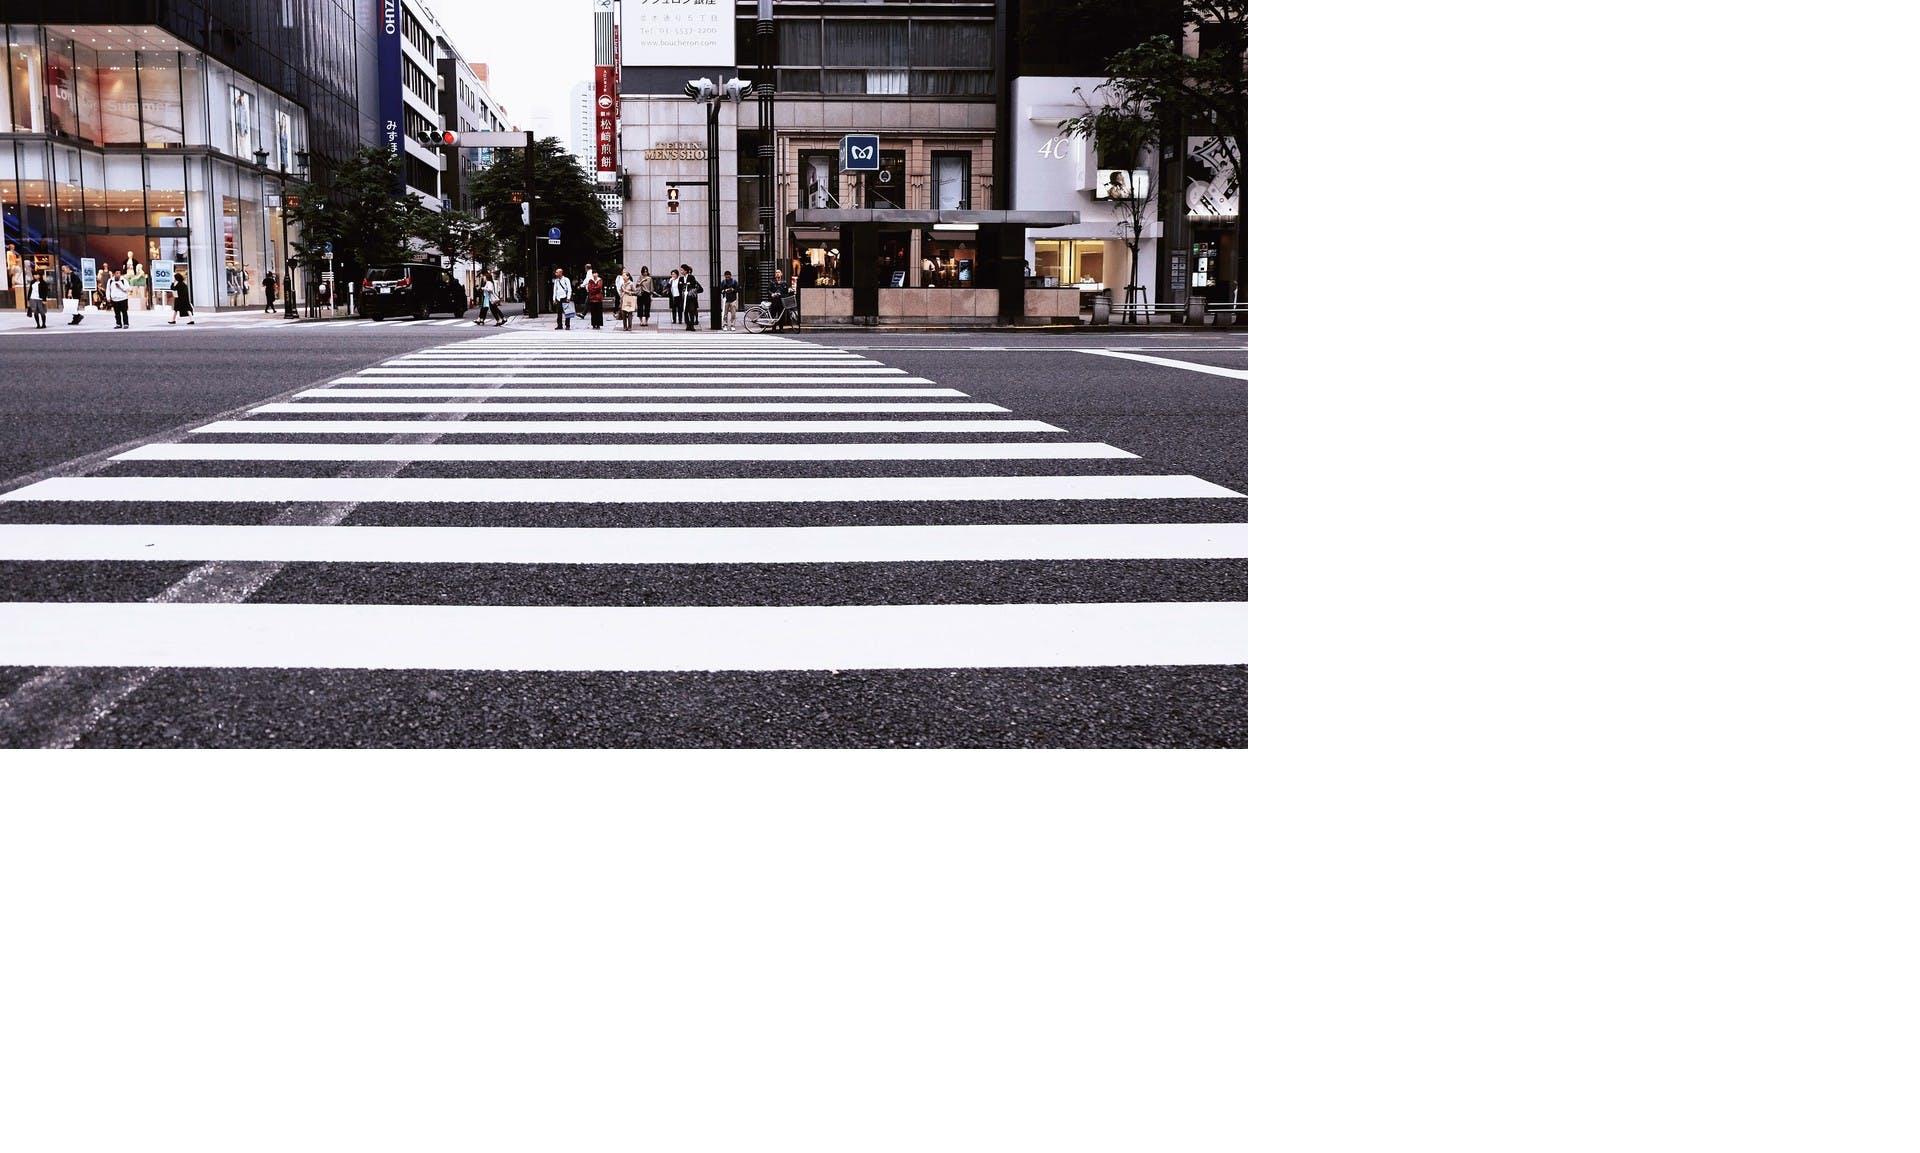 A pedestrian crossing in a big city